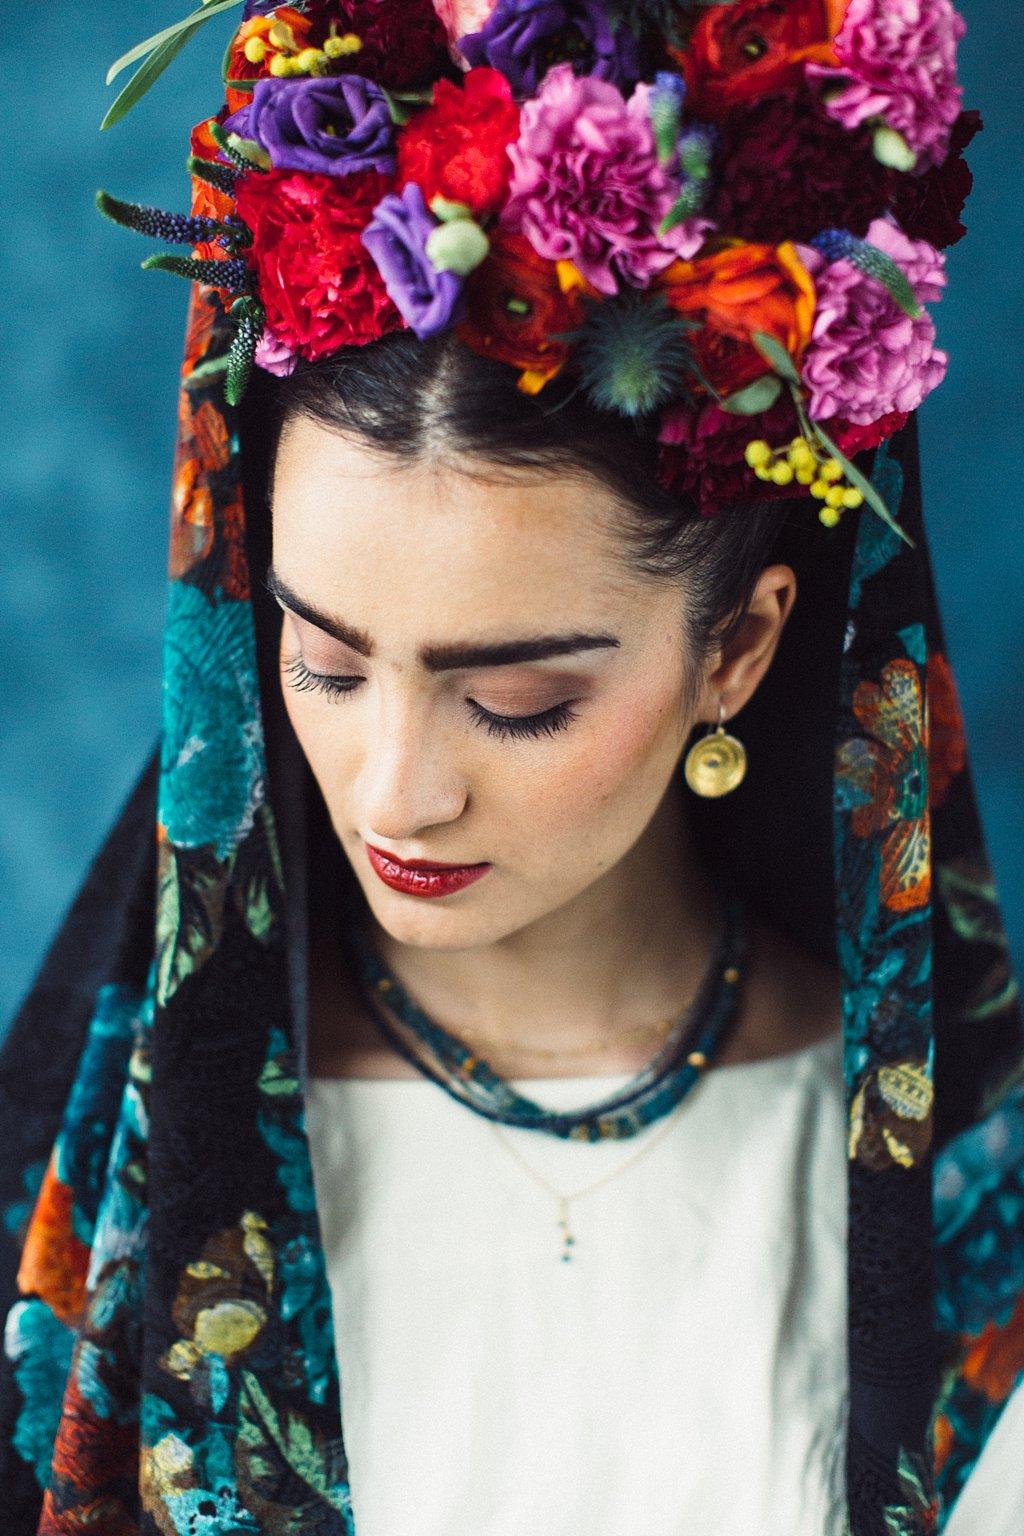 Kopfschmuck mit Blumen Brautschmuck 2017